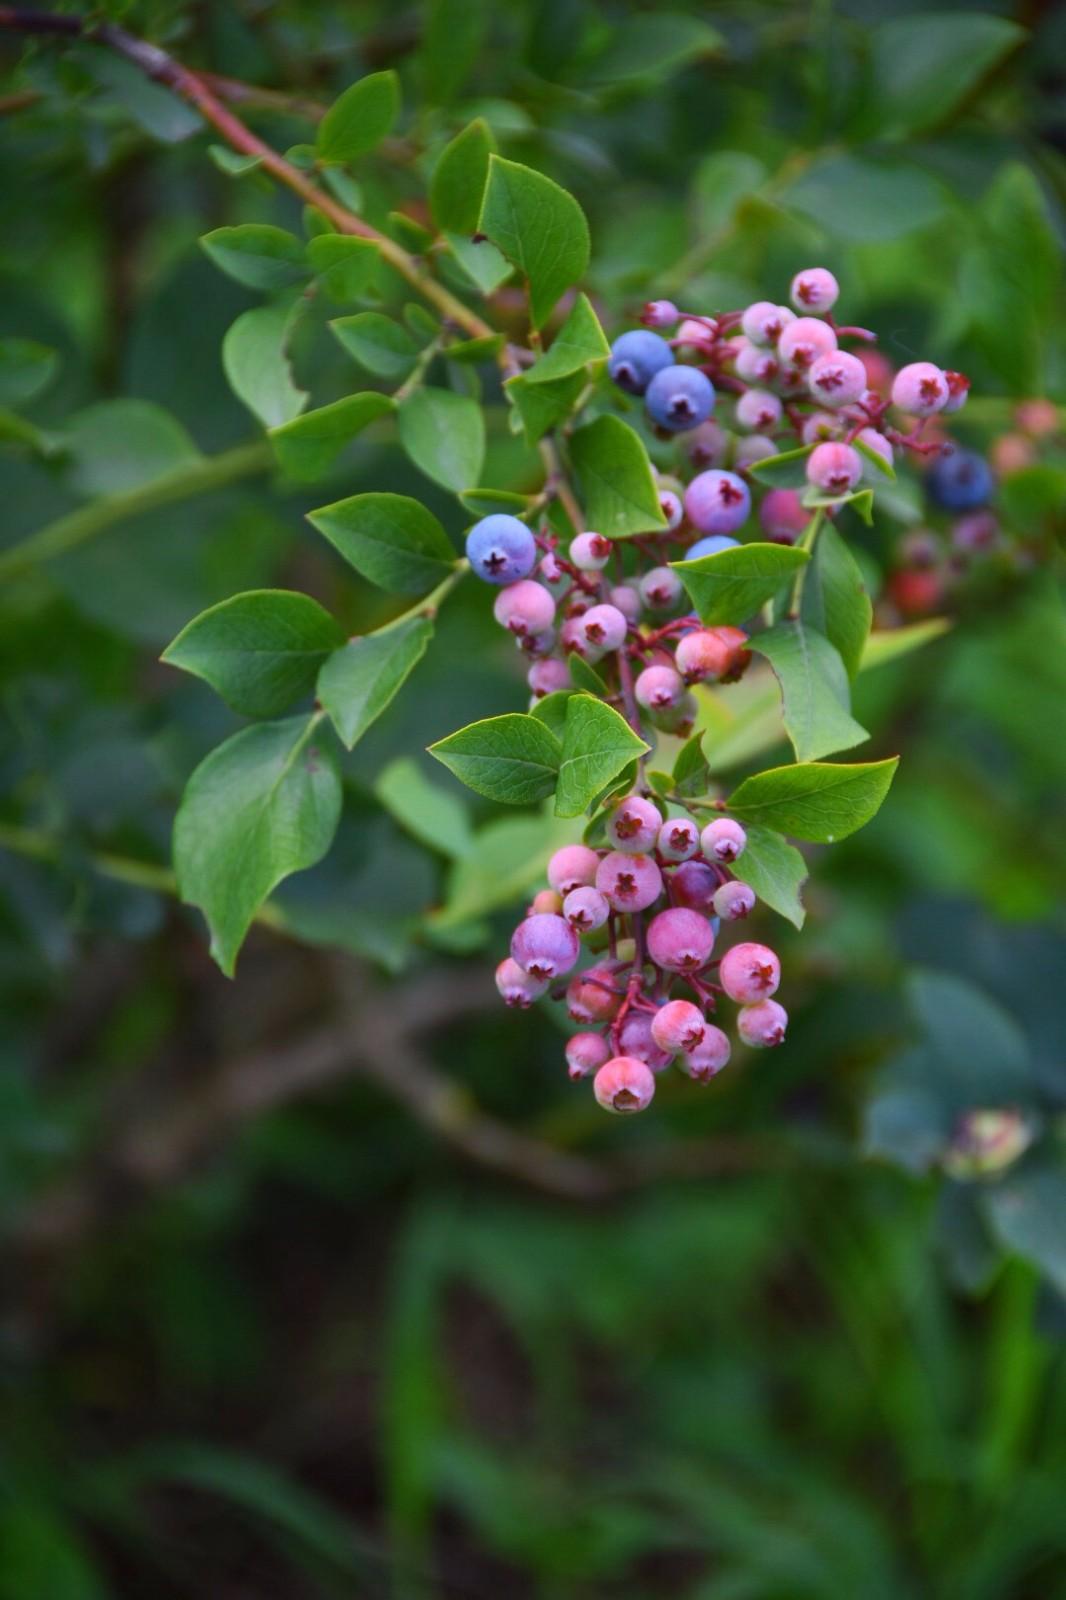 我最爱的蓝莓,第一次看到长在 枝上可爱的模样